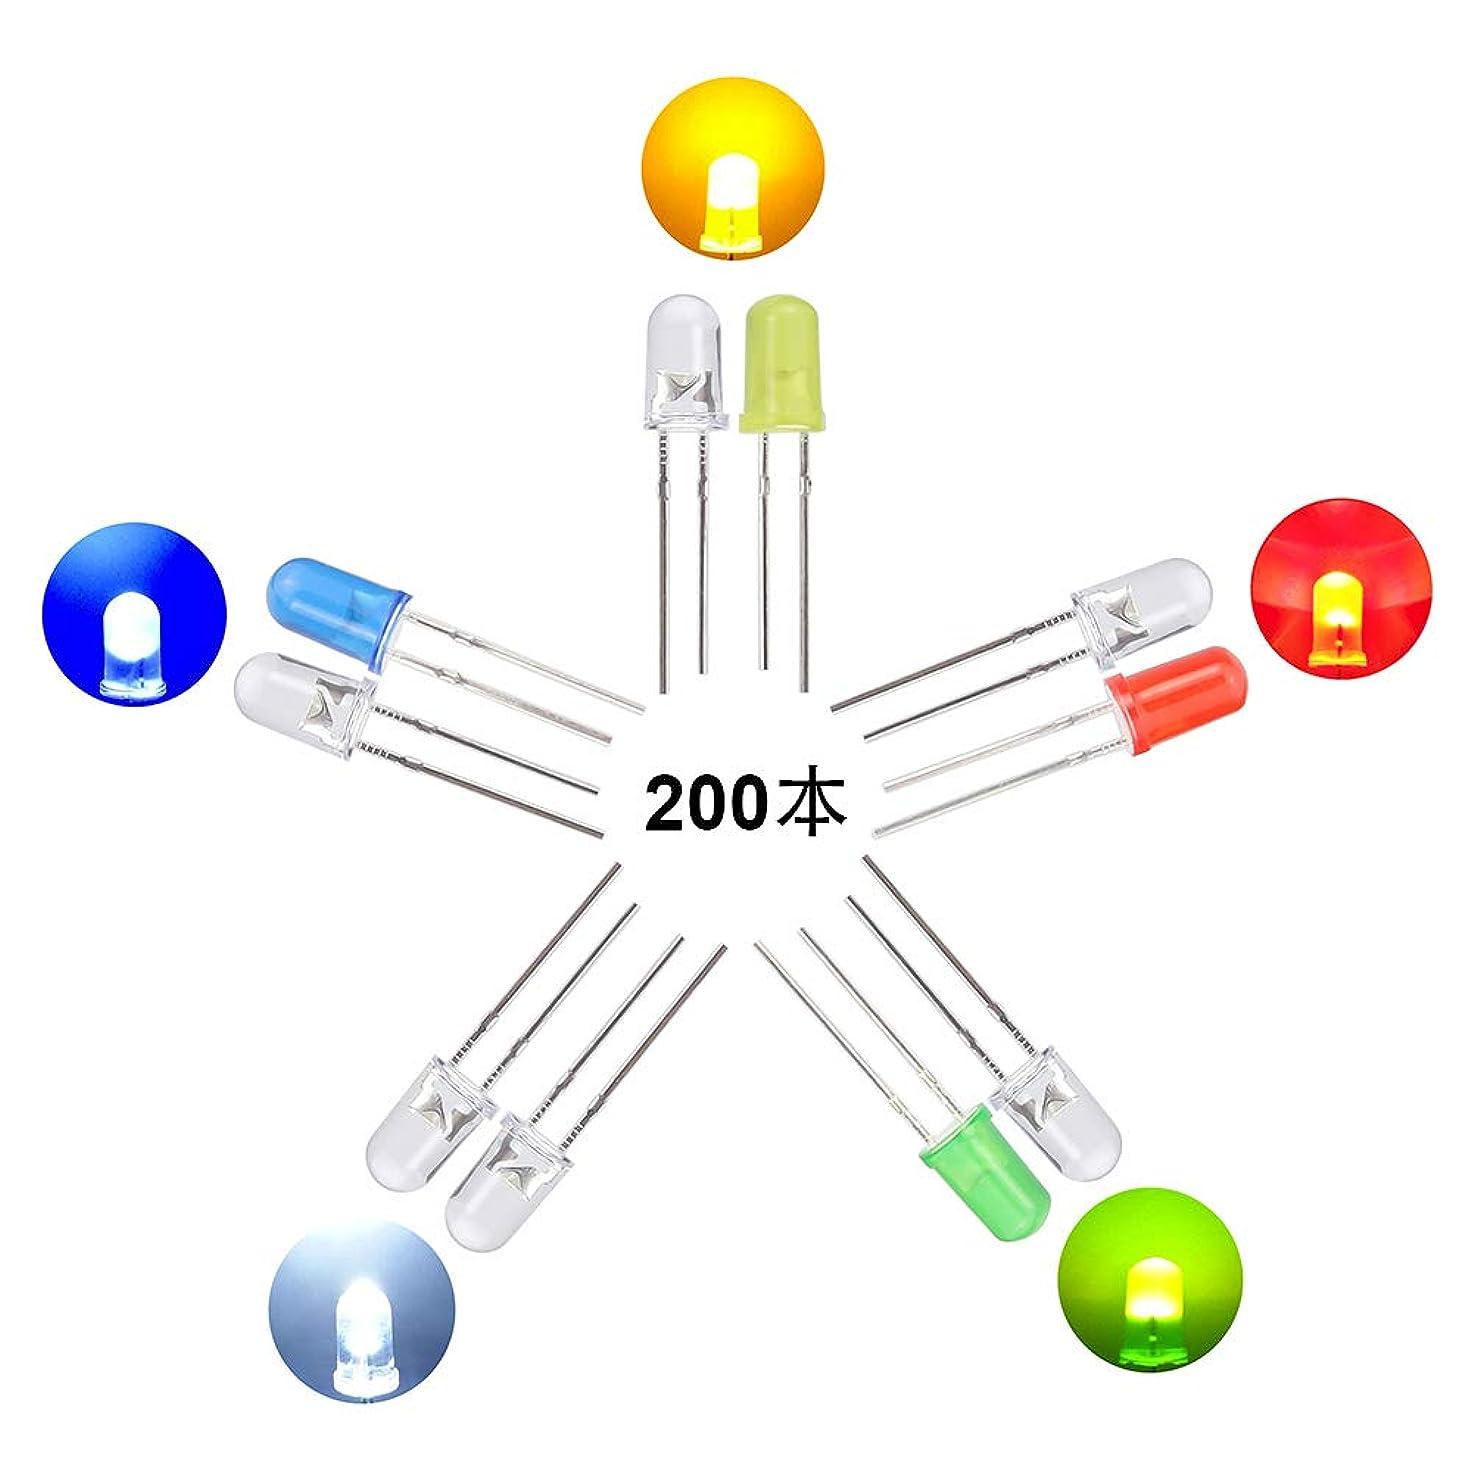 ジュニア繁栄するフリッパーWayinTop 発光ダイオード 5mm 砲弾型 LED セット 5色 超高輝度 白/黄/緑/赤/青 40個ずつ 合計200個入り